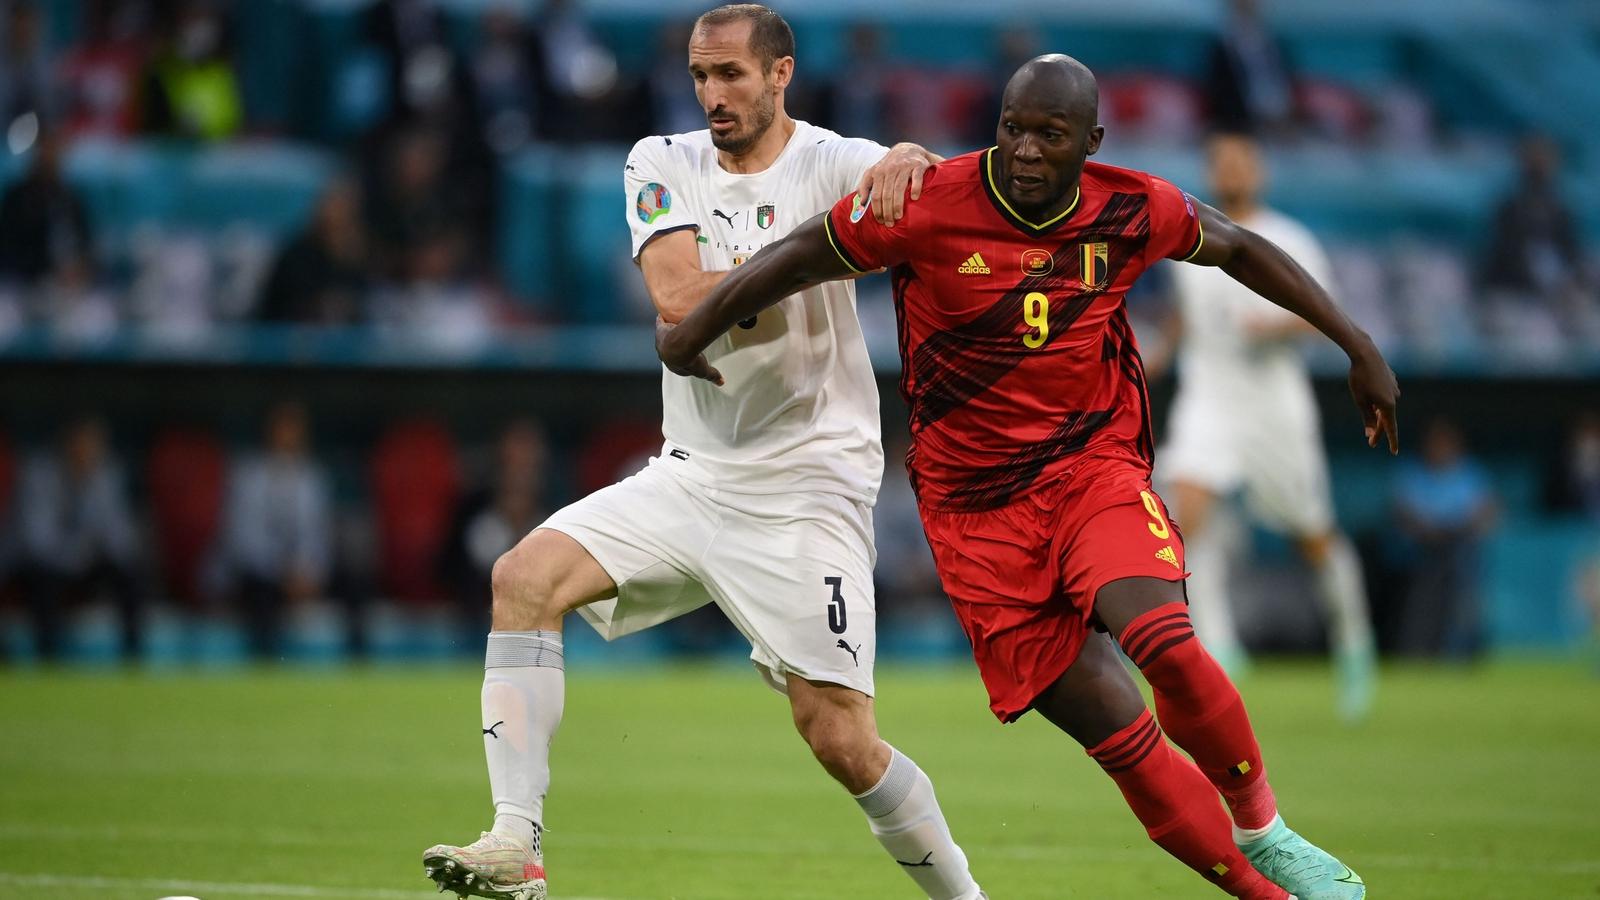 Euro 2020 recap: Belgium 1-2 Italy